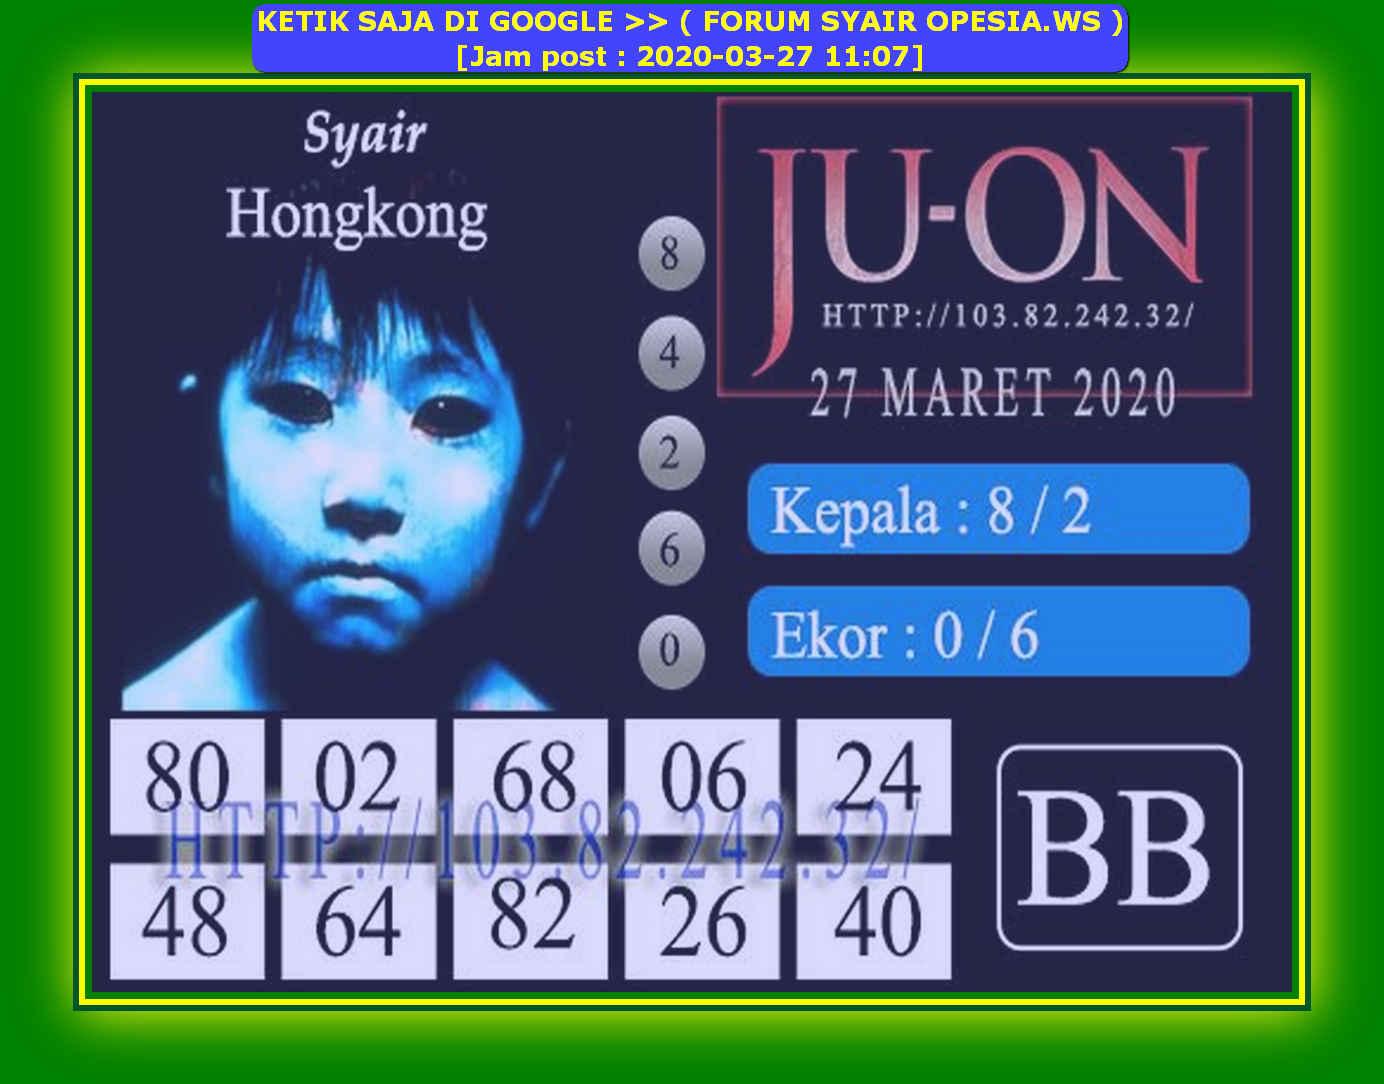 Kode syair Hongkong Jumat 27 Maret 2020 144